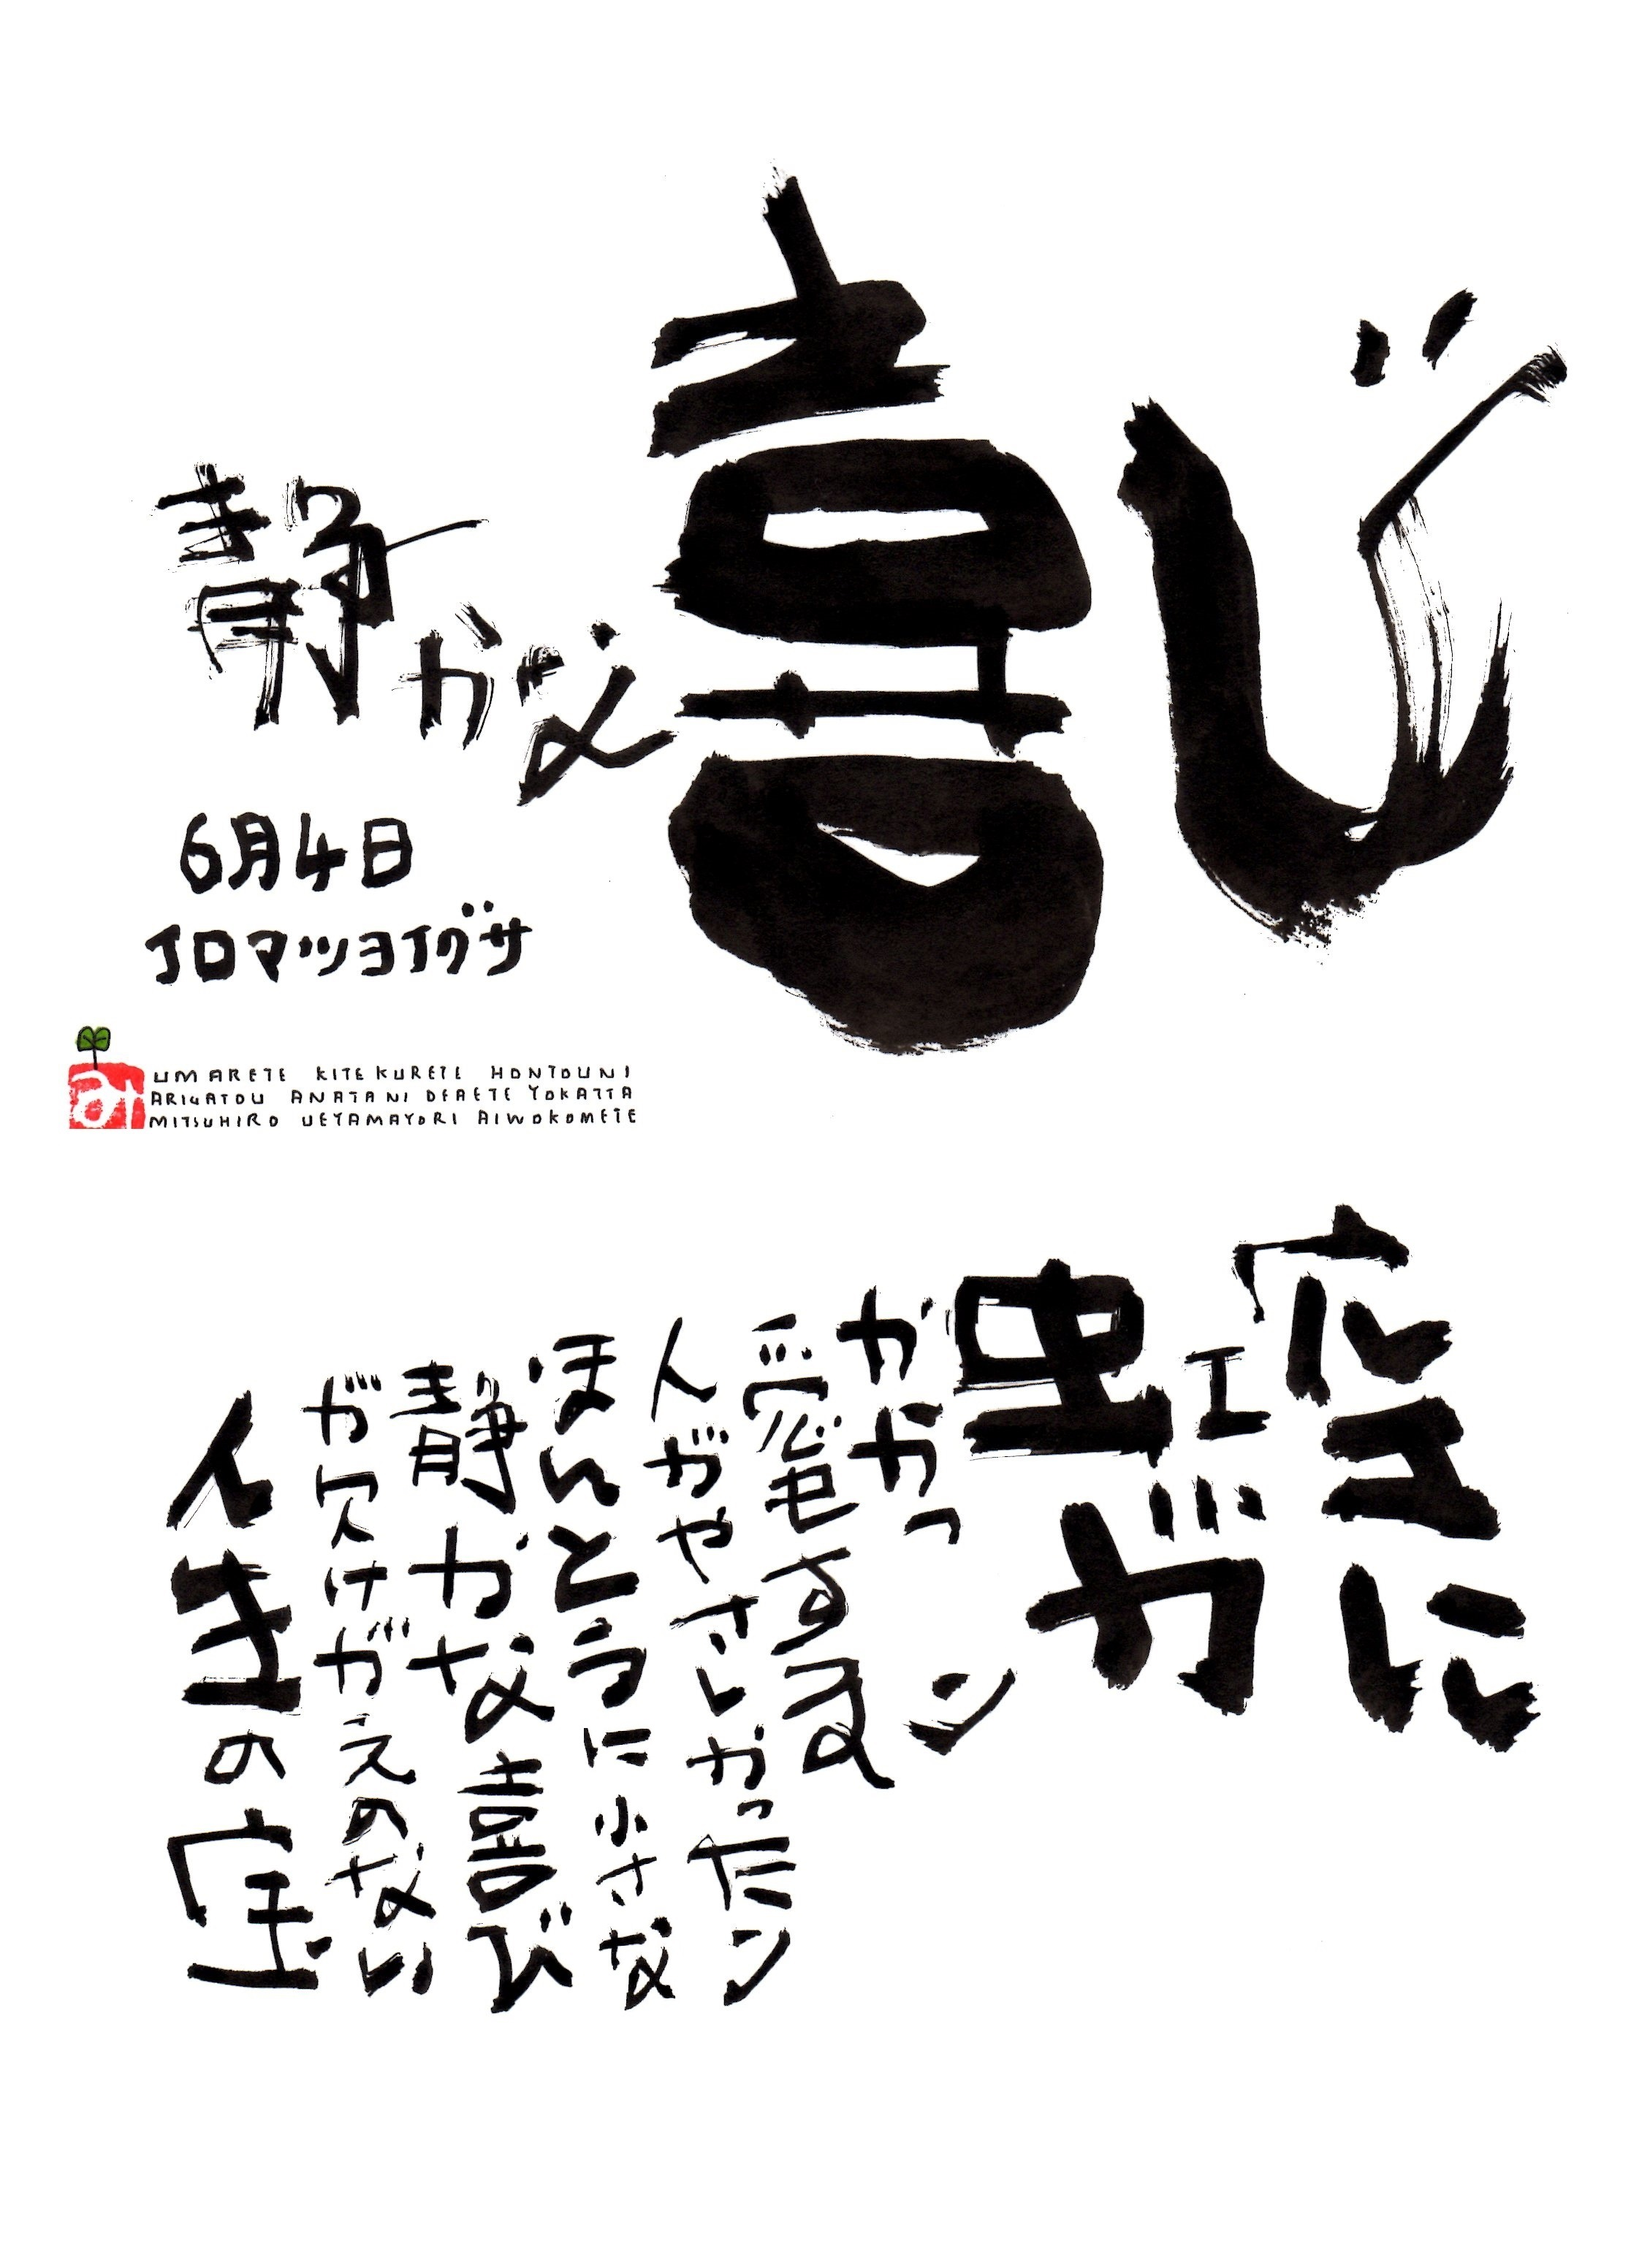 6月4日 誕生日ポストカード【静かな喜び】Quiet joy